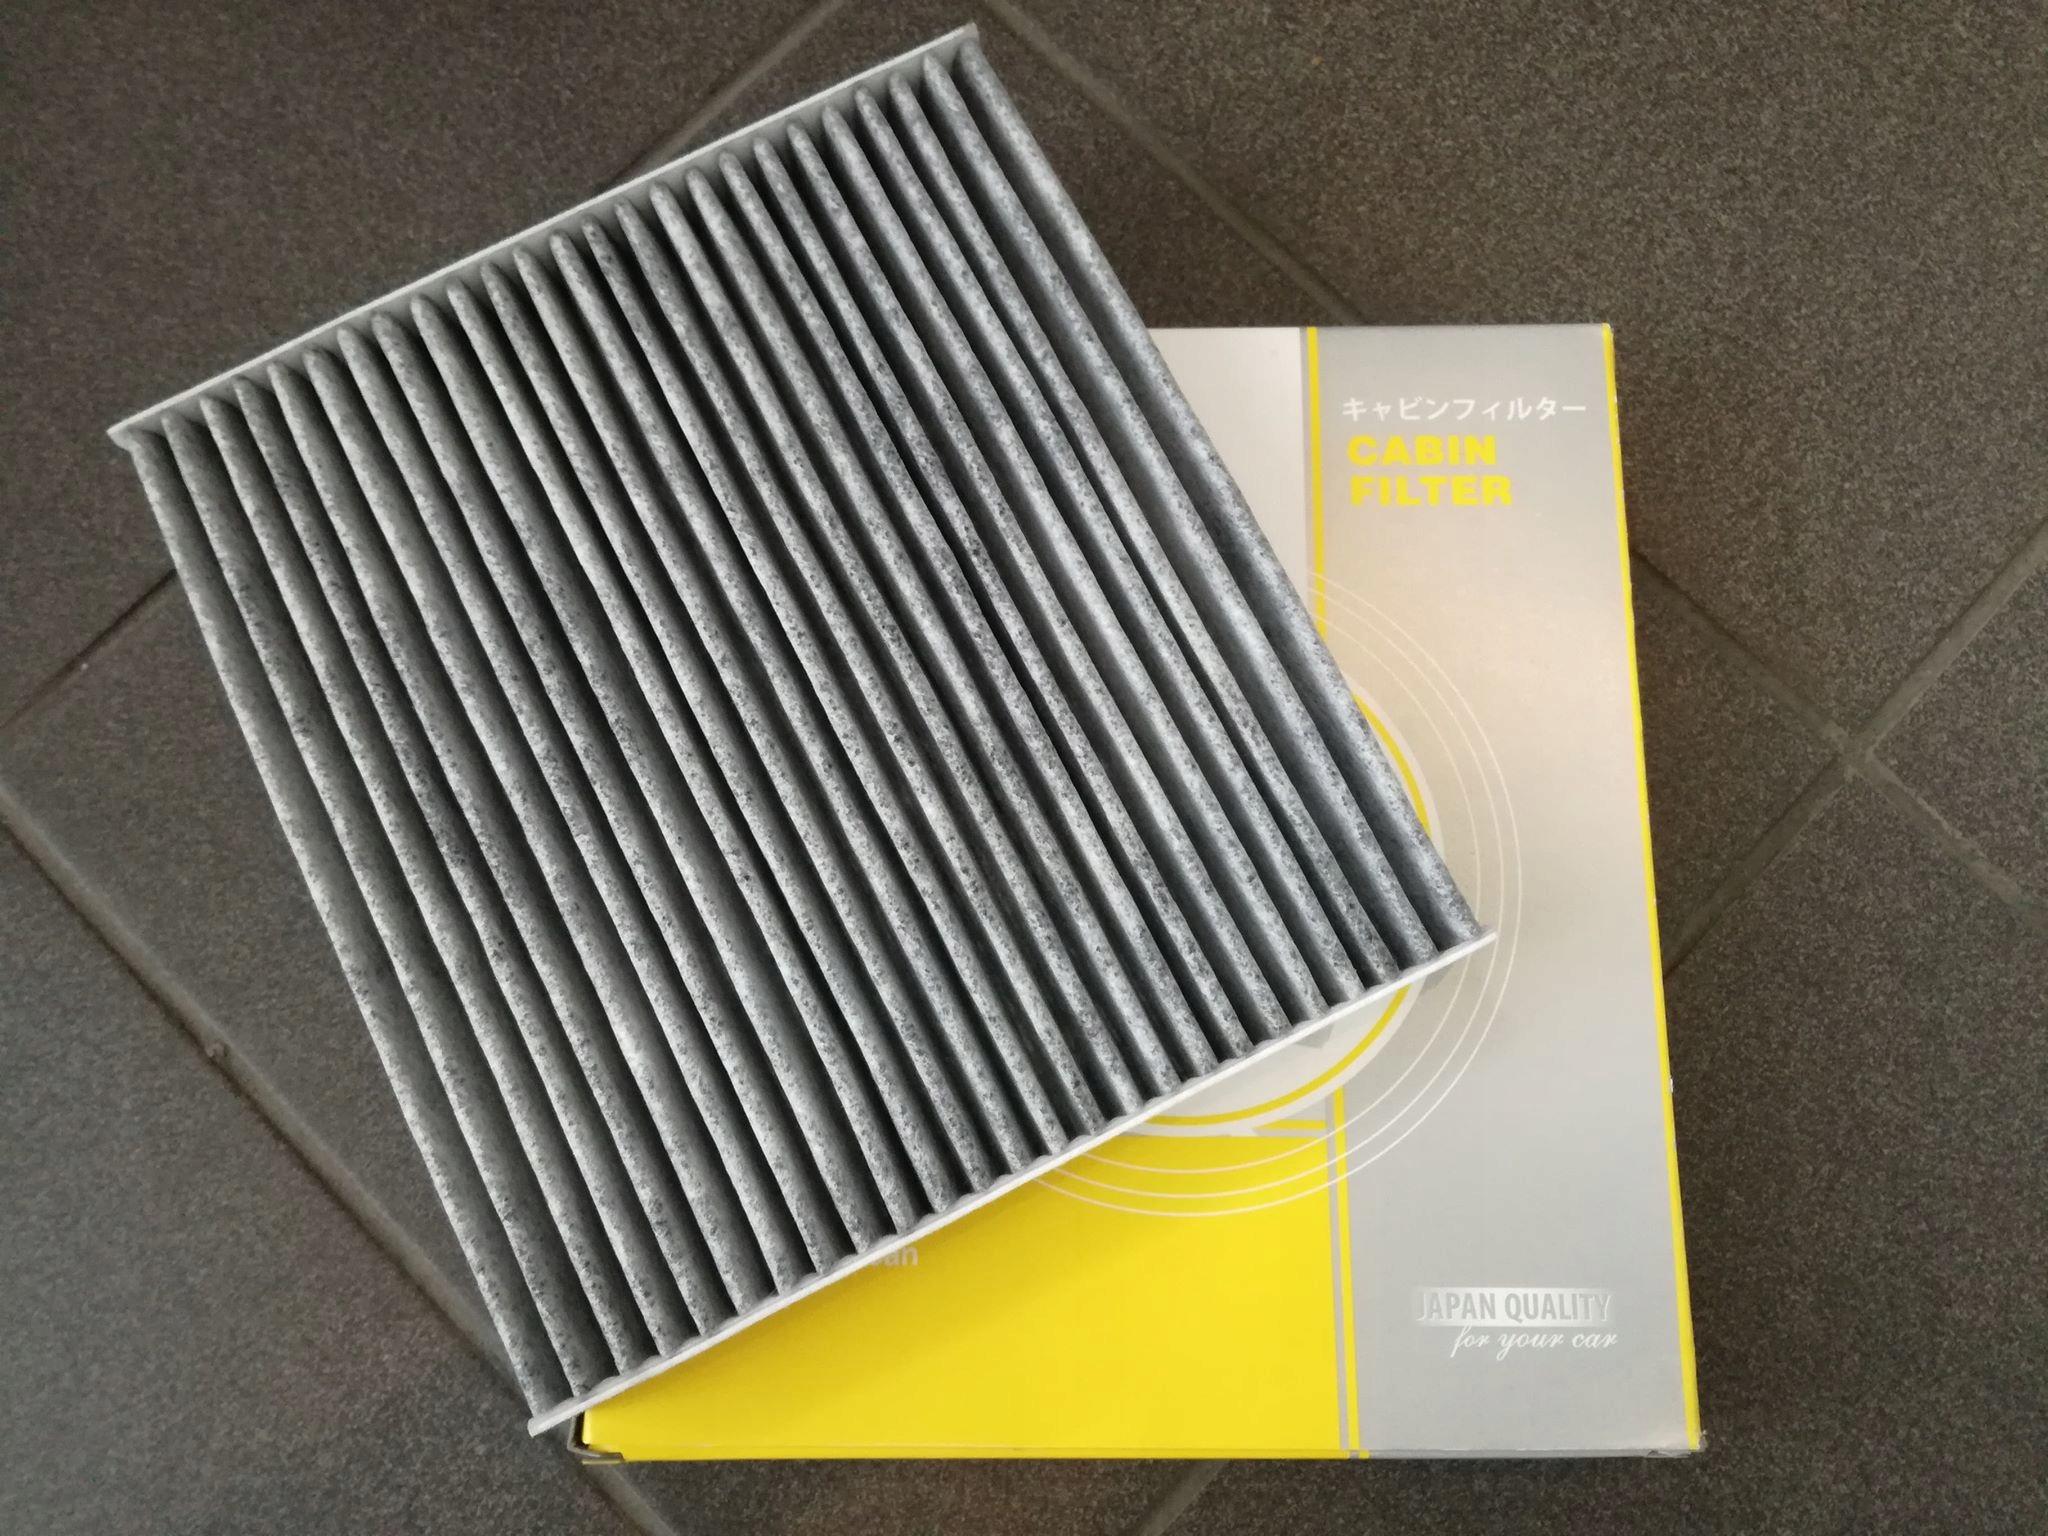 фильтр кабины угольный кабины mazda 6 2 cx7 japan